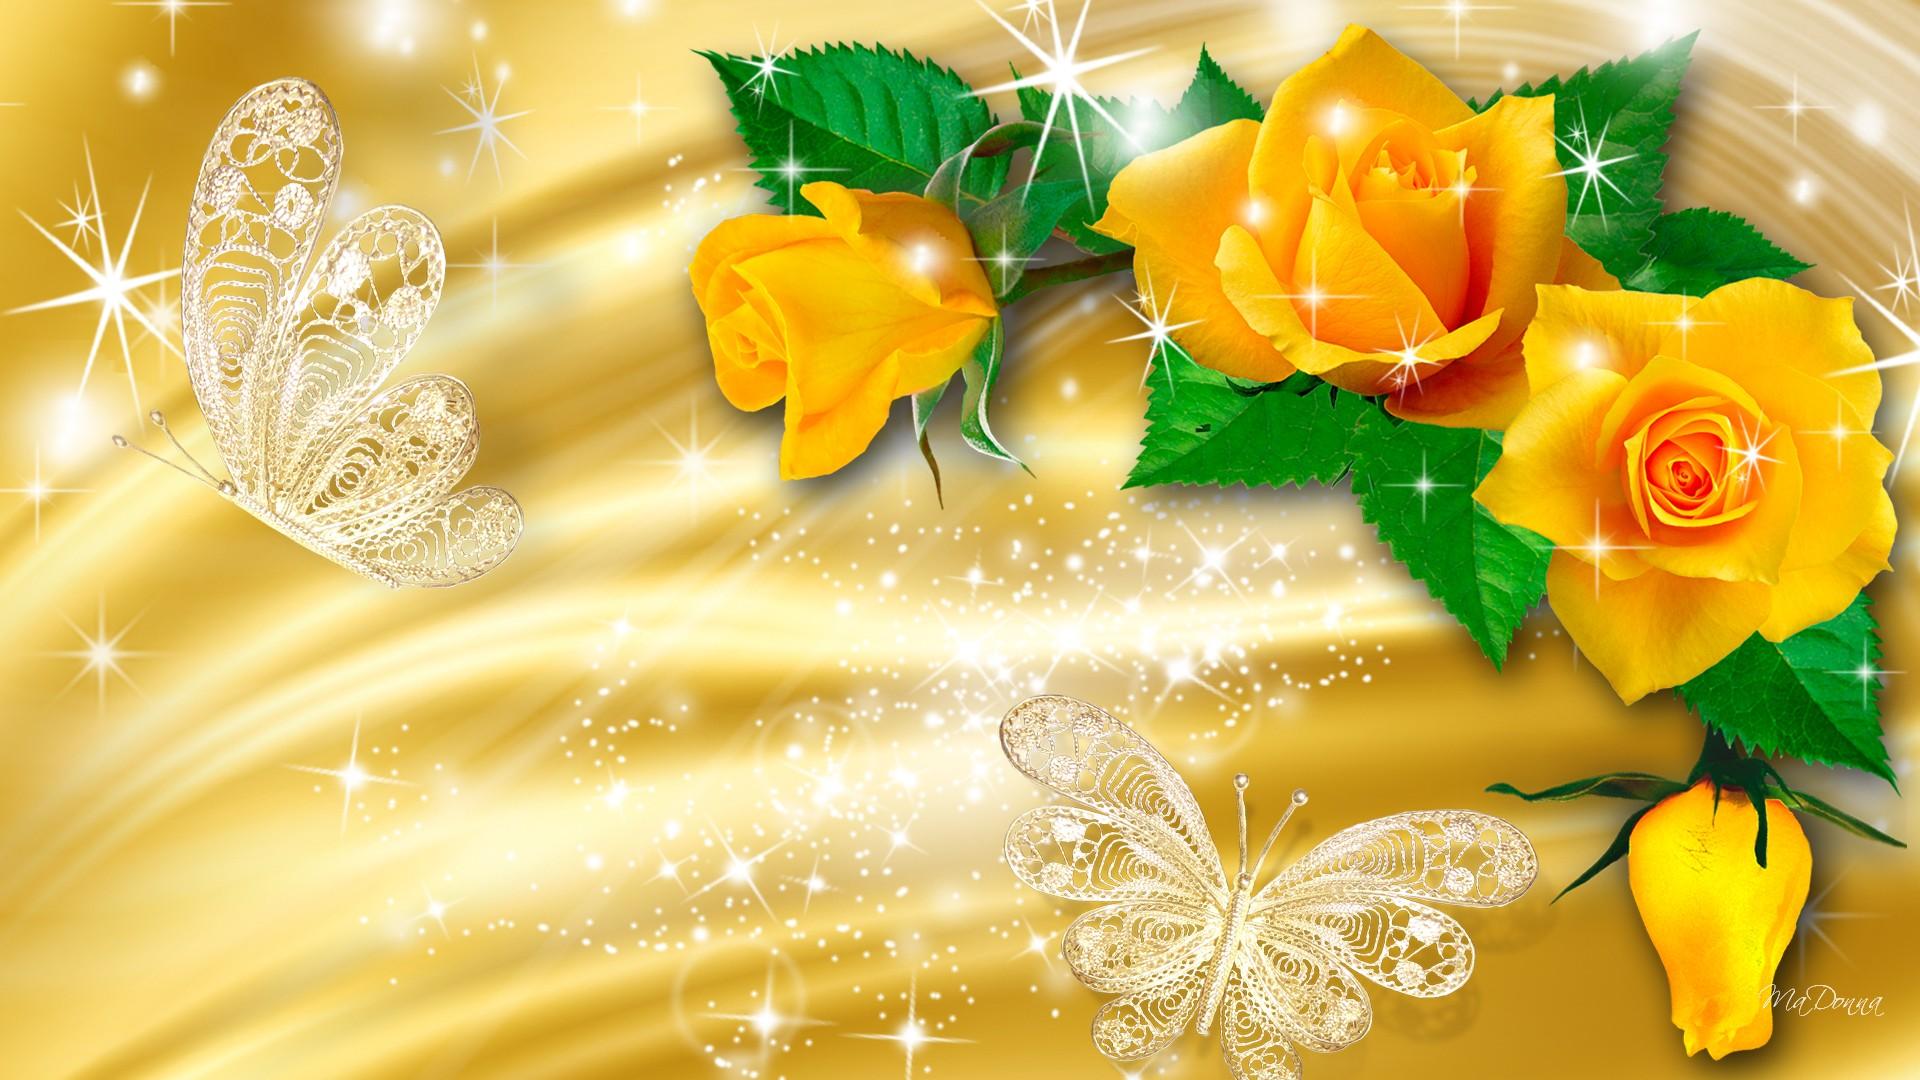 Yellow Rose Flower Wallpaper Wallpapersafari